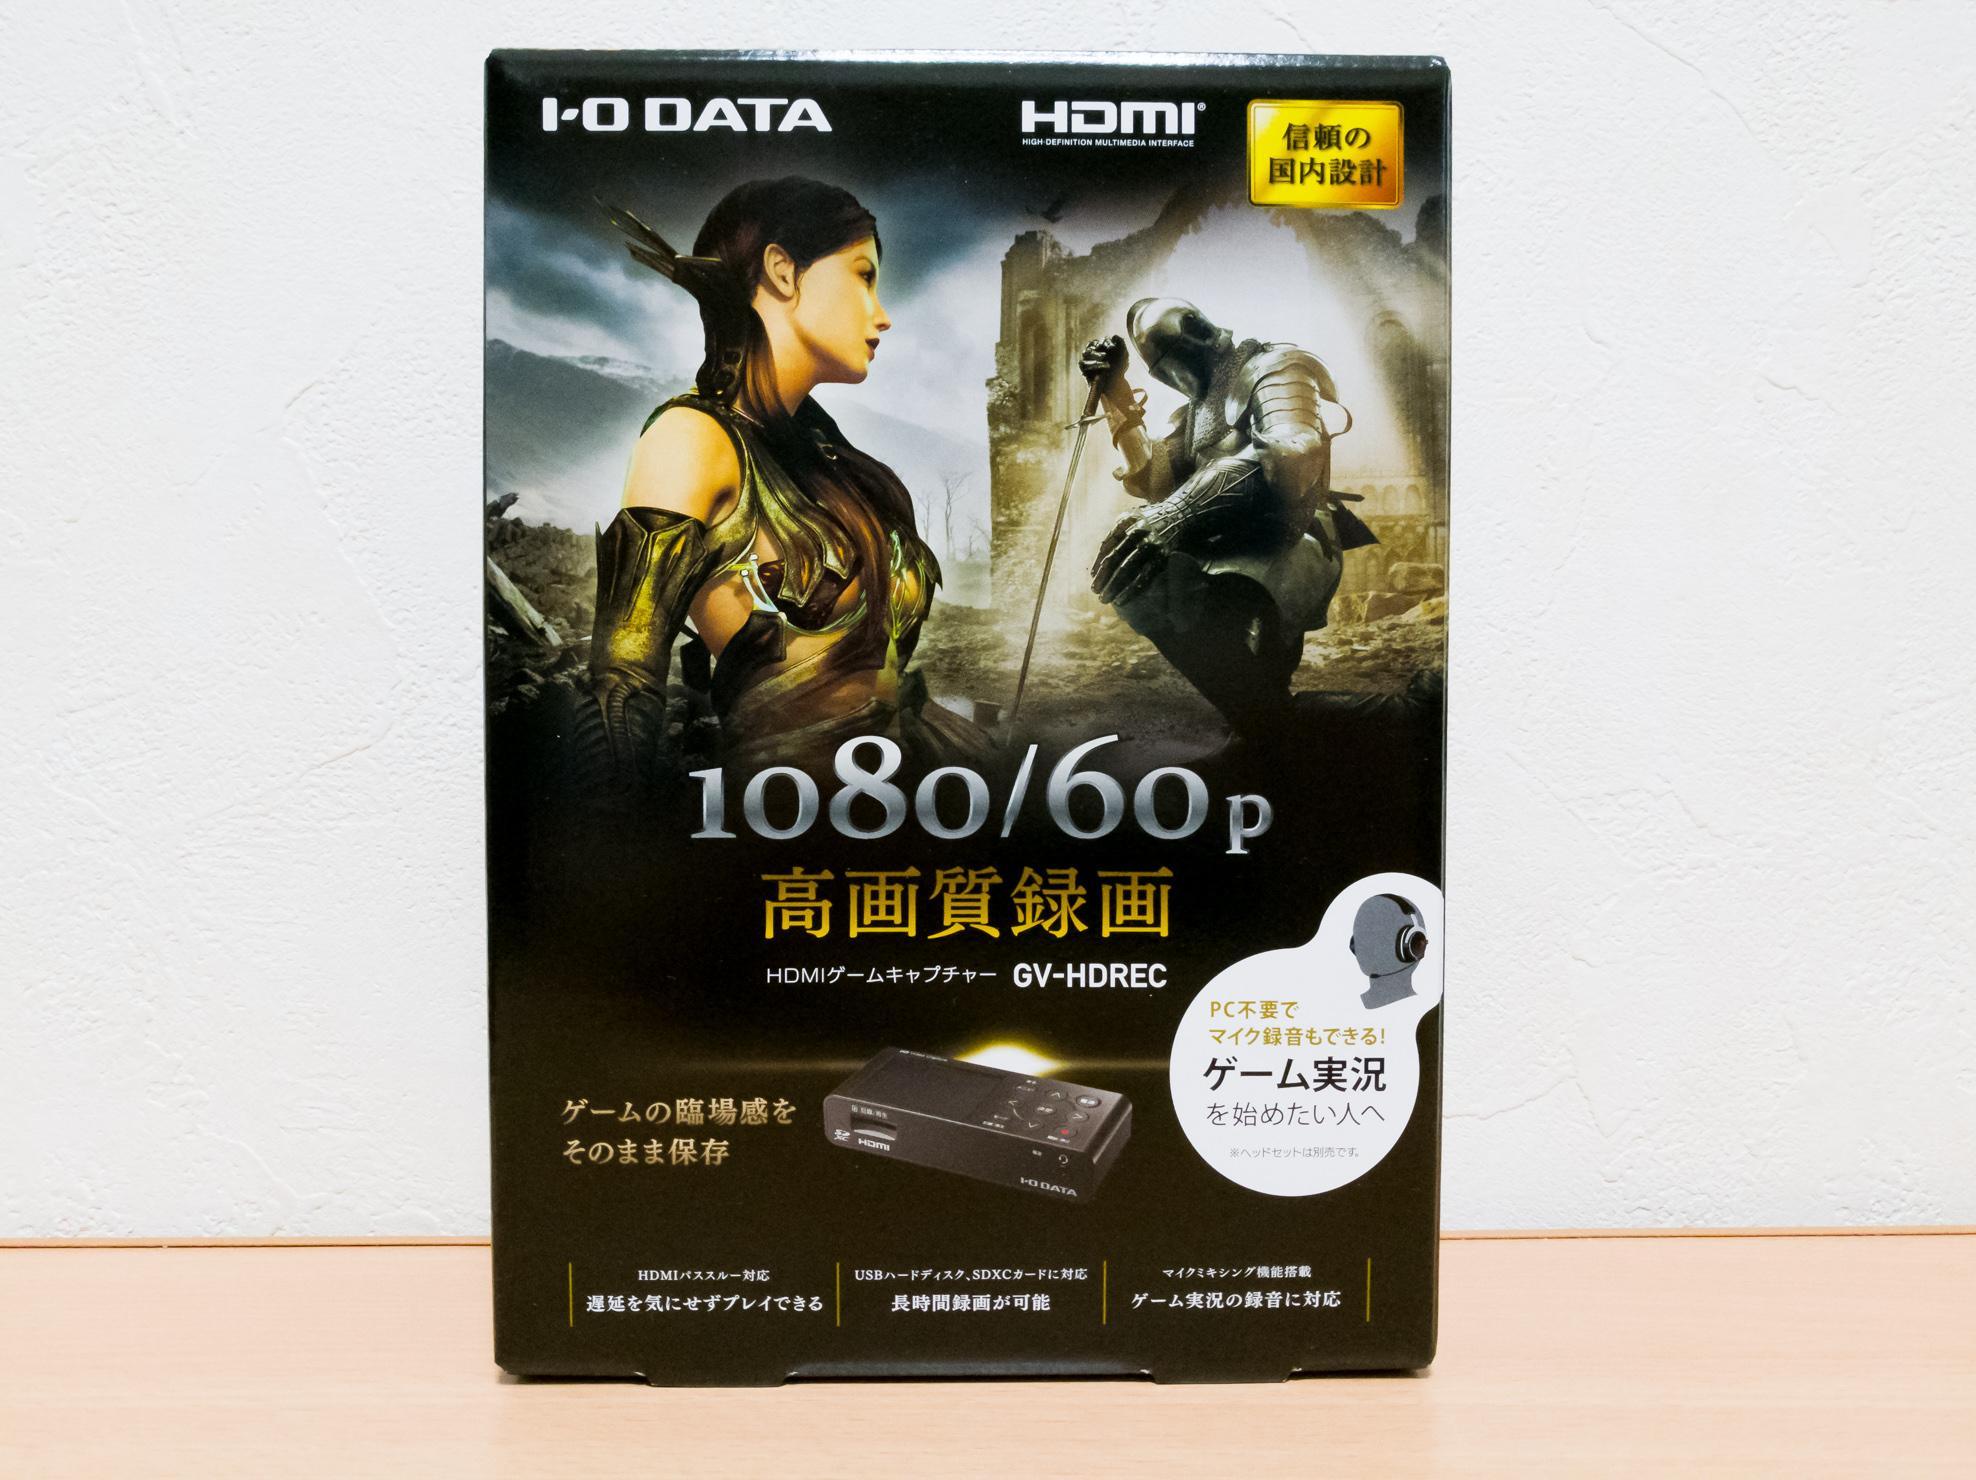 PCなしでプレイ動画を簡単高画質録画。I-OデータのHDMIキャプチャー「GV-HDREC」でゲームがさらに楽しめるぞ